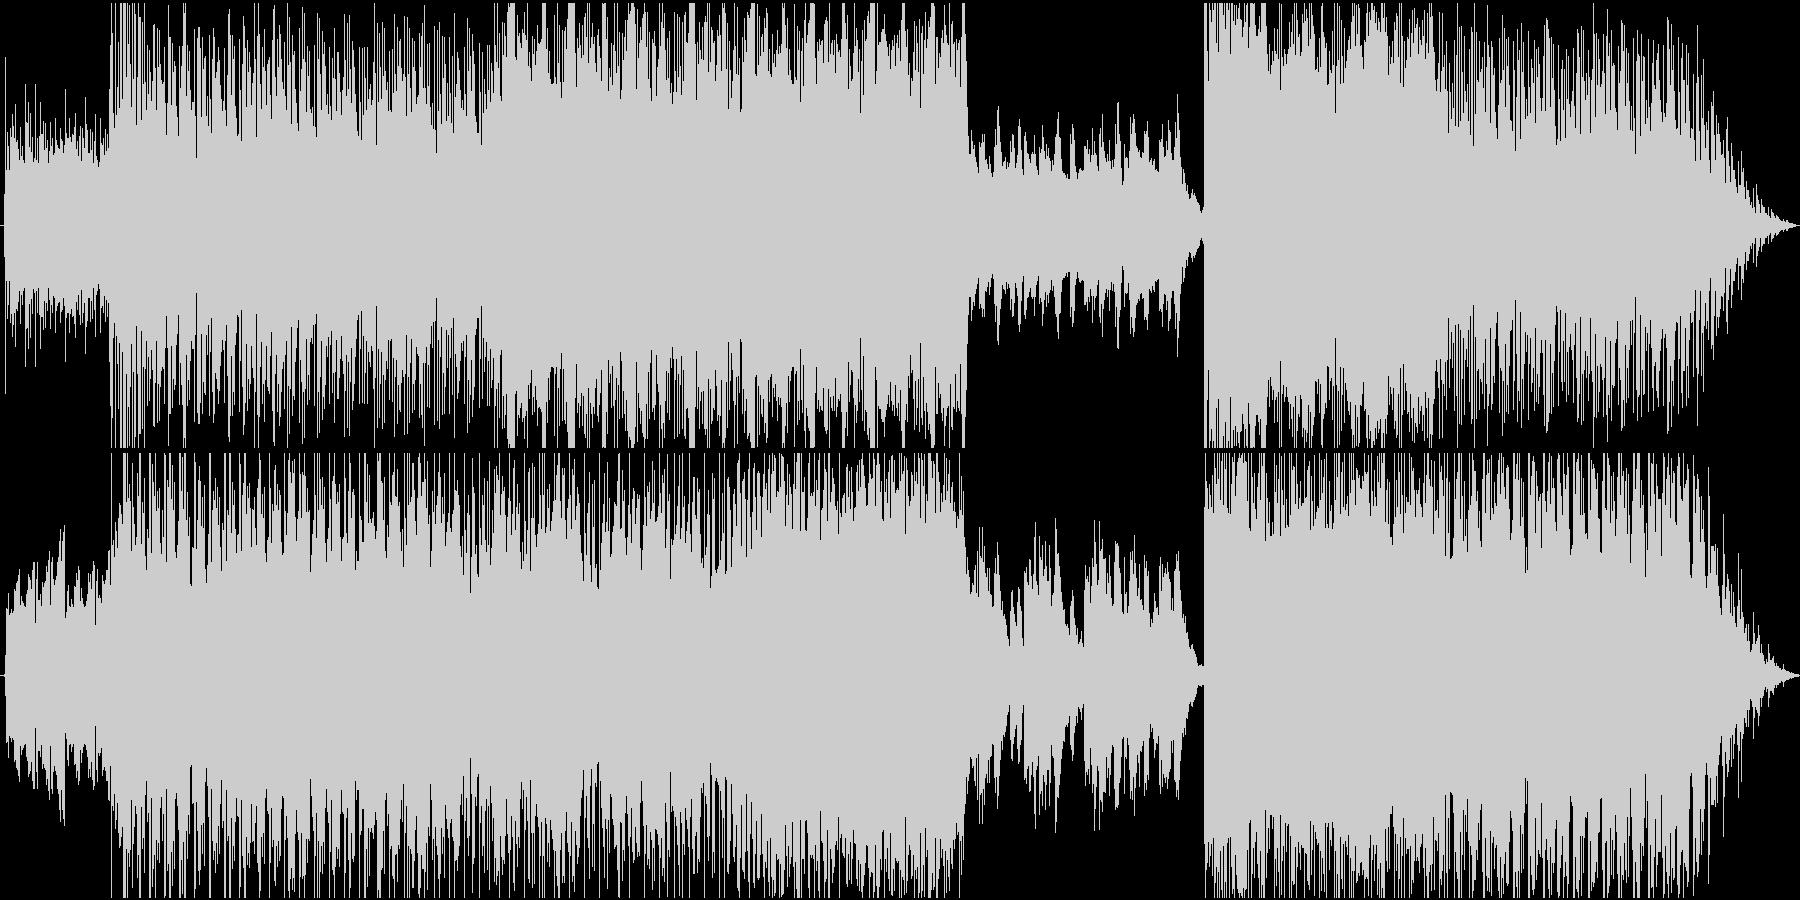 フワフワ宙に漂うようなギターループ音源の未再生の波形